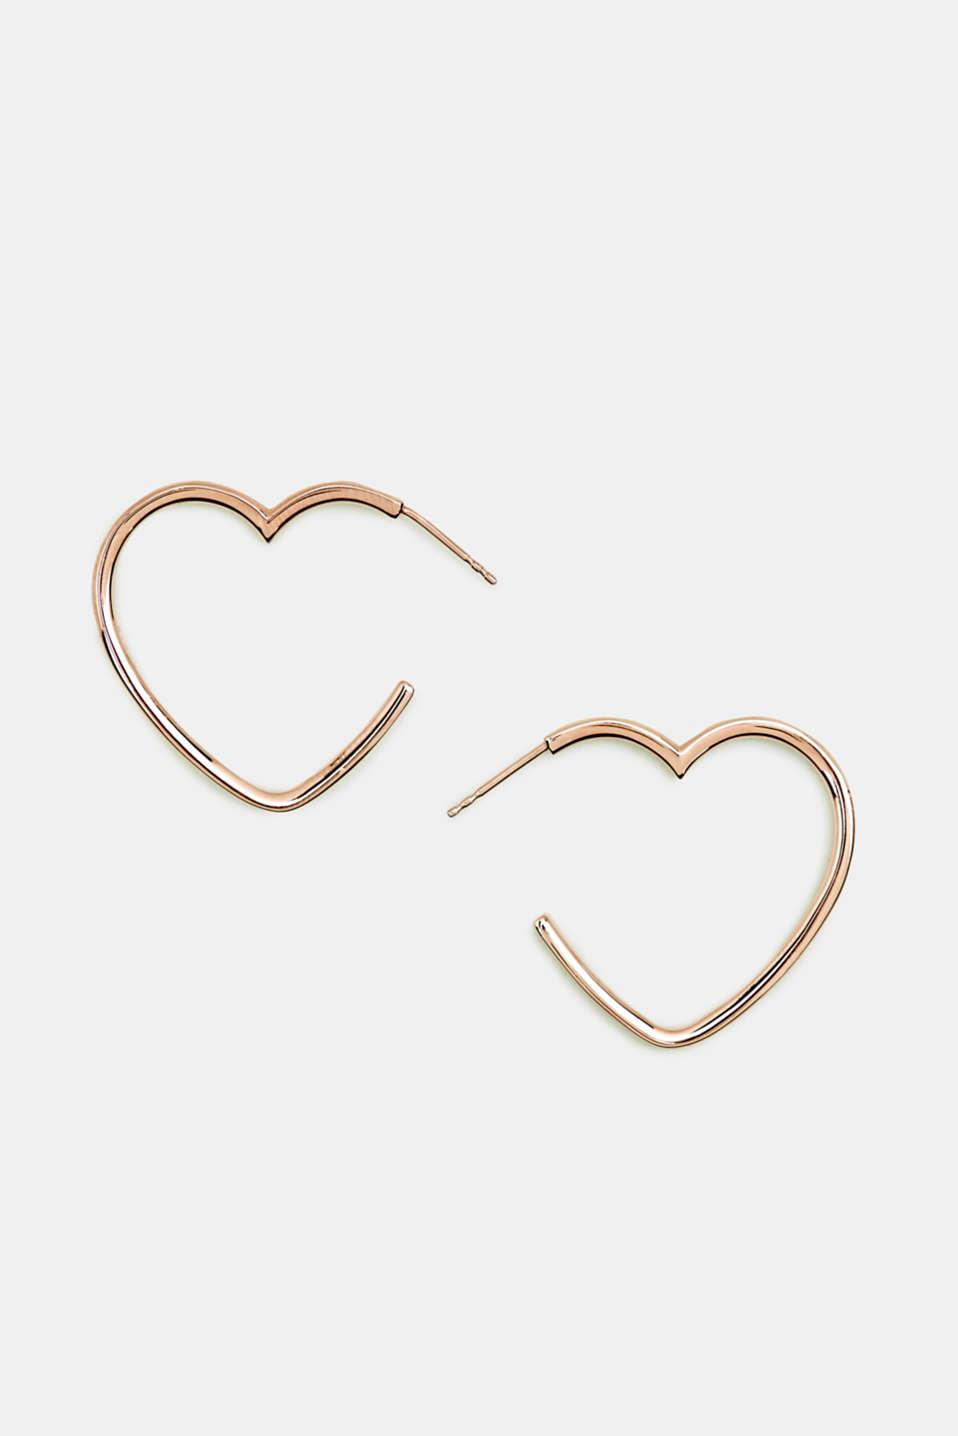 Heart-shaped hoop earrings in stainless steel, LCROSEGOLD, detail image number 0